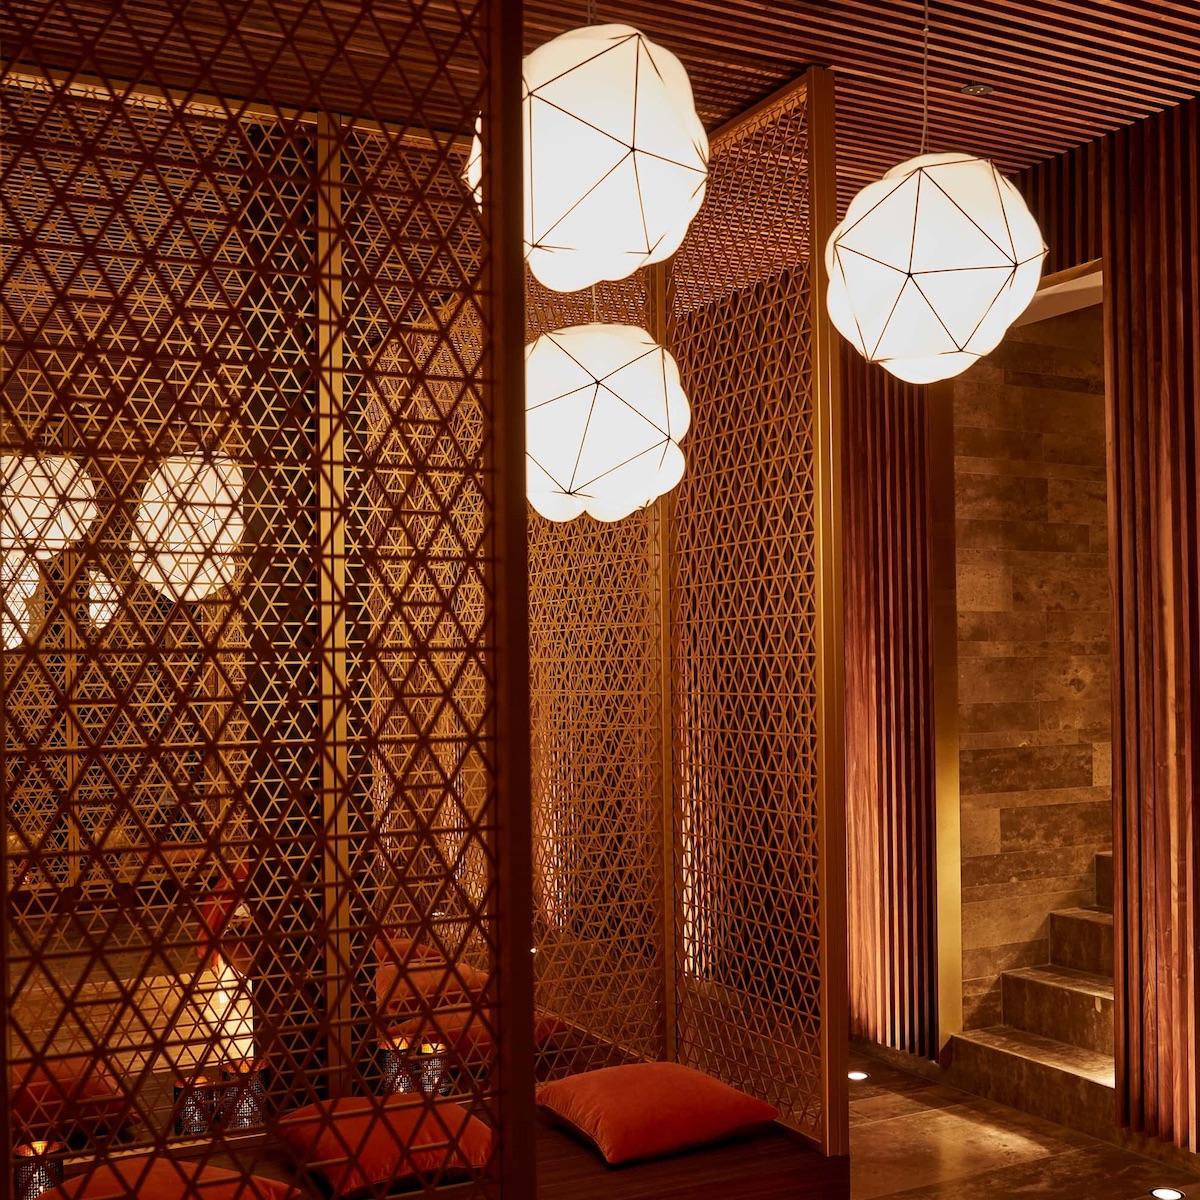 Hotel Bachmair Weissach am Tegernsee_Mizu Onsen Spa Ruhebereich